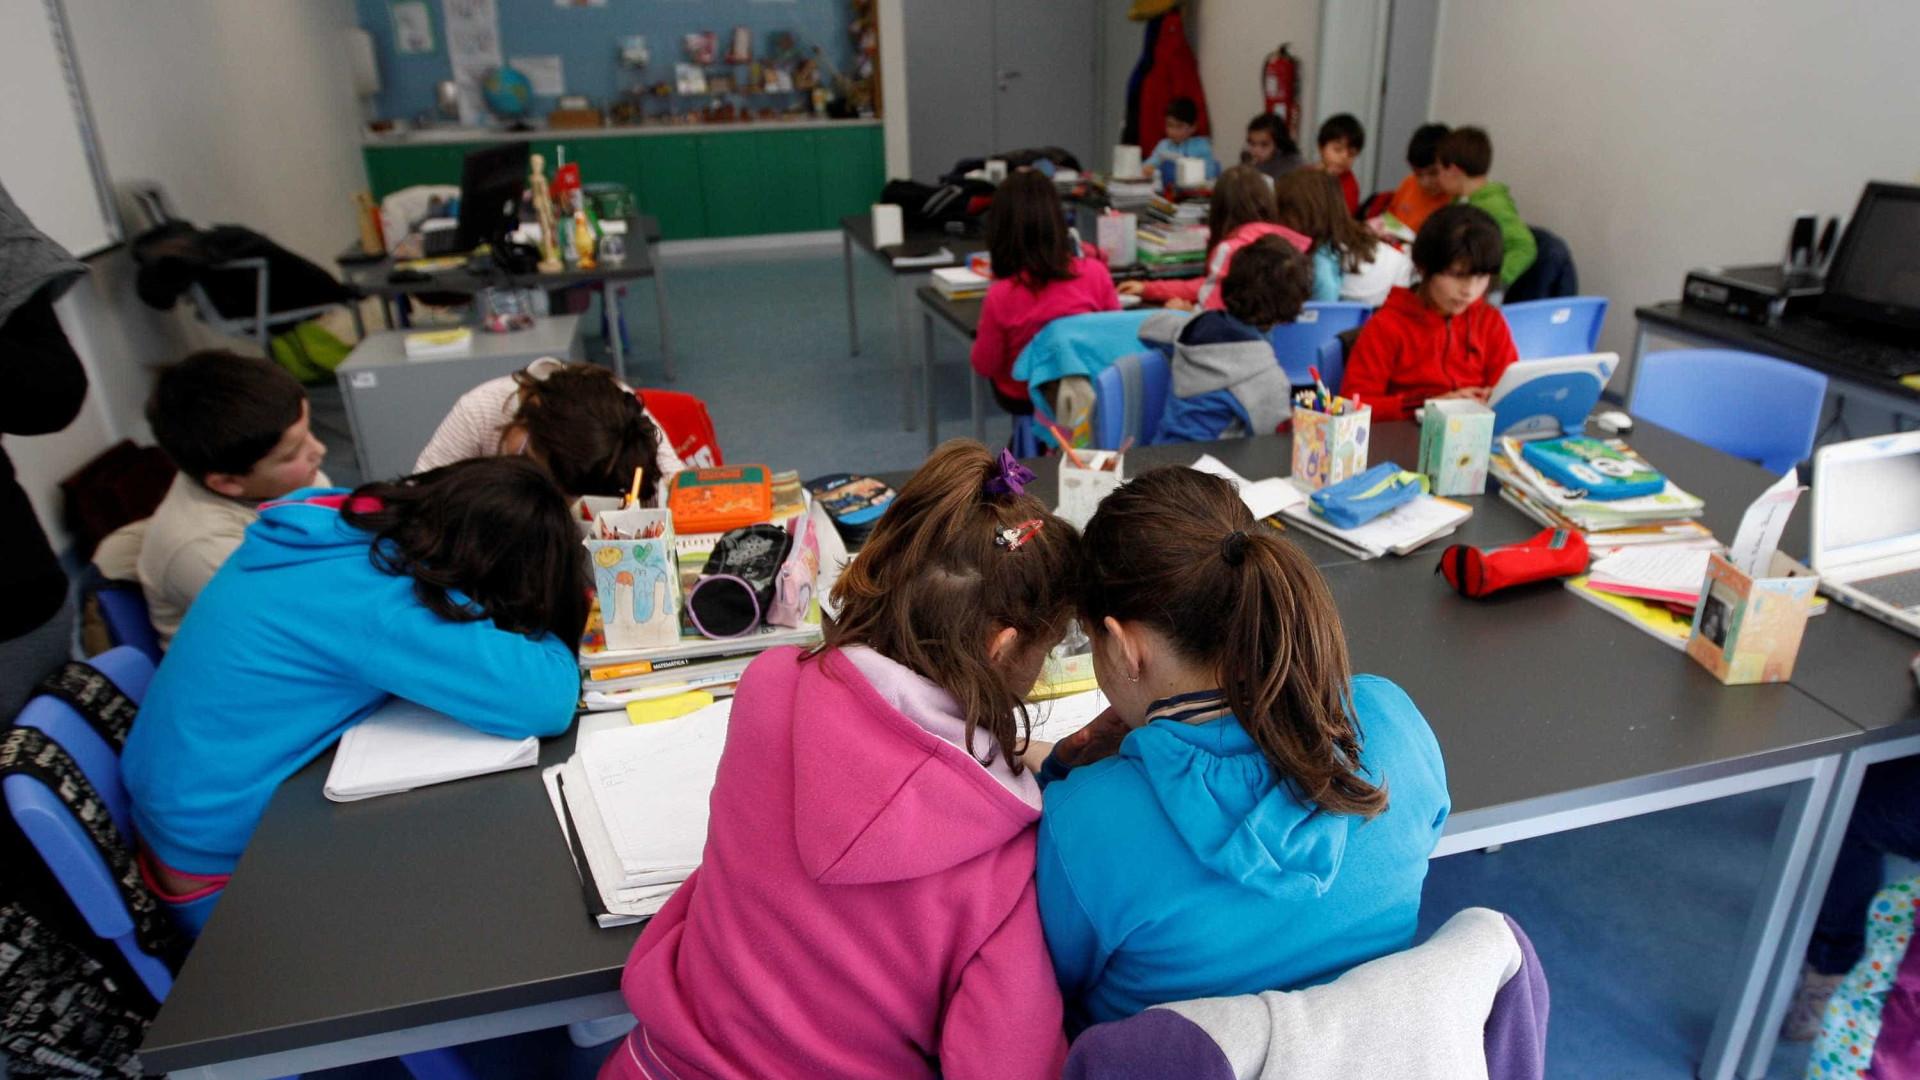 172cc48e2b6 Escola em Viseu assume turmas mesmo sem financiamento do Estado